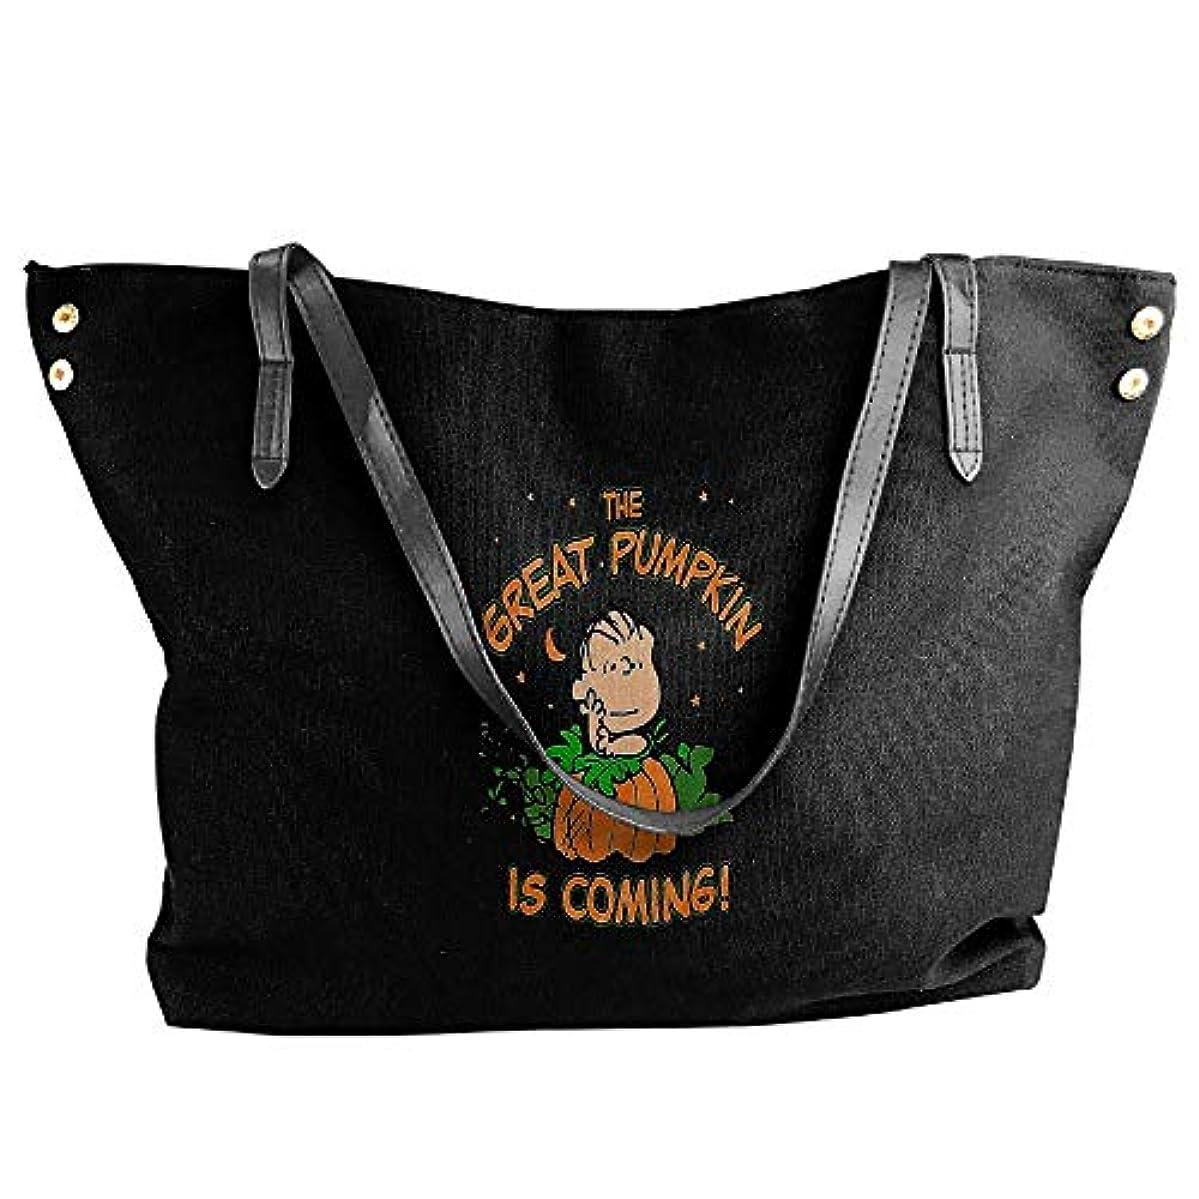 ブルジョン自由ハプニング2019最新レディースバッグ ファッション若い女の子ストリートショッピングキャンバスのショルダーバッグ The Great Pumpkin Is Coming 人気のバッグ 大容量 リュック